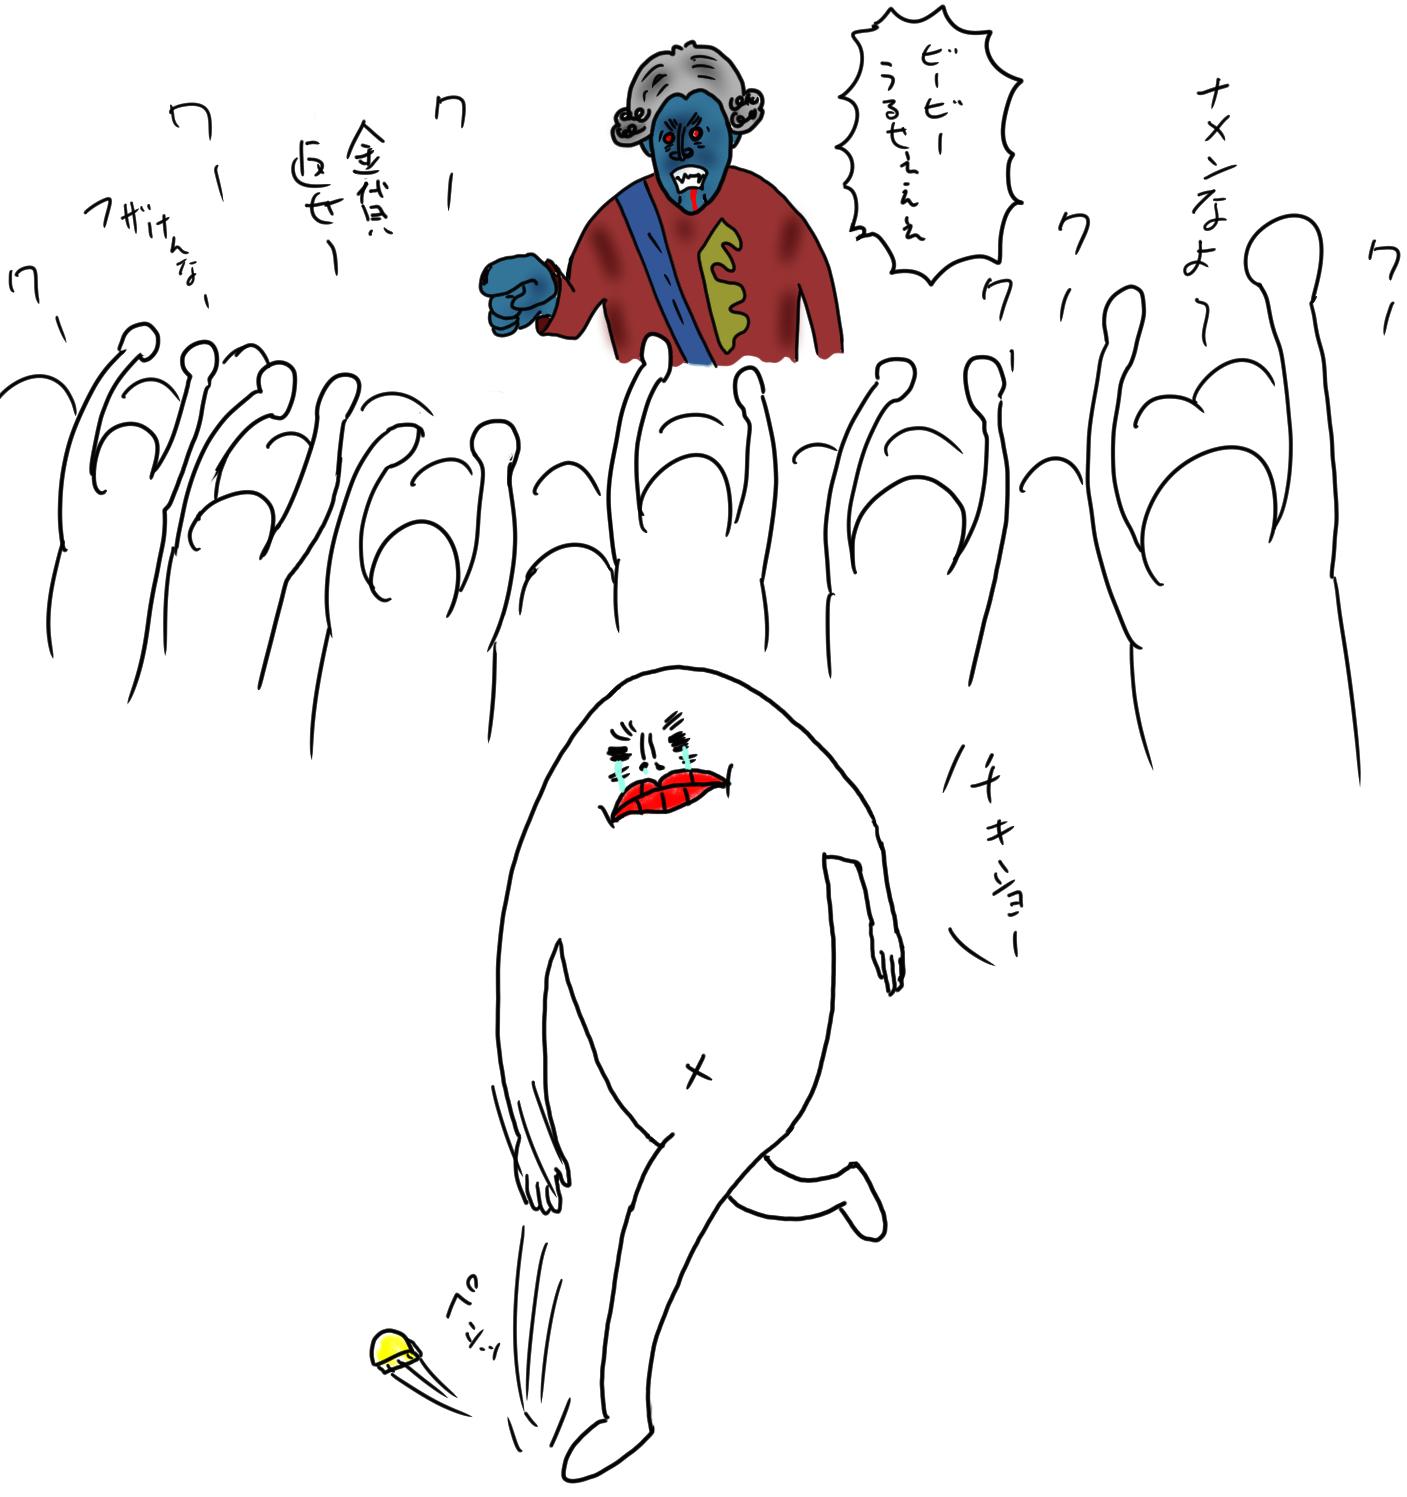 misisippi_04b